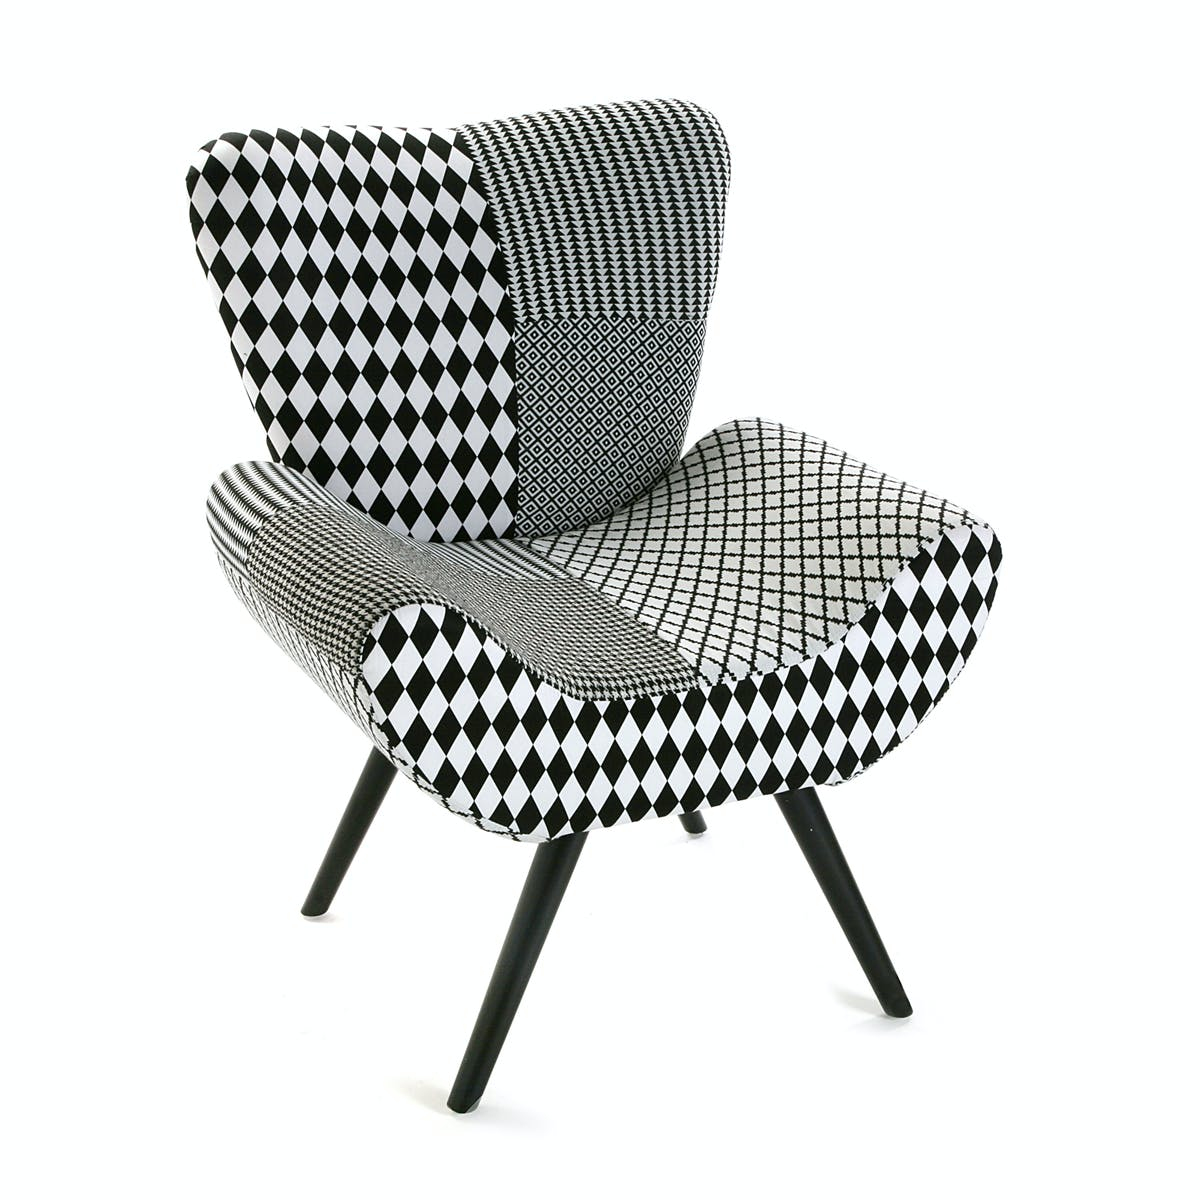 Fauteuil forme design en tissu Patchwork blanc et noir et pieds bois noirs 72x70x83cm URBAN